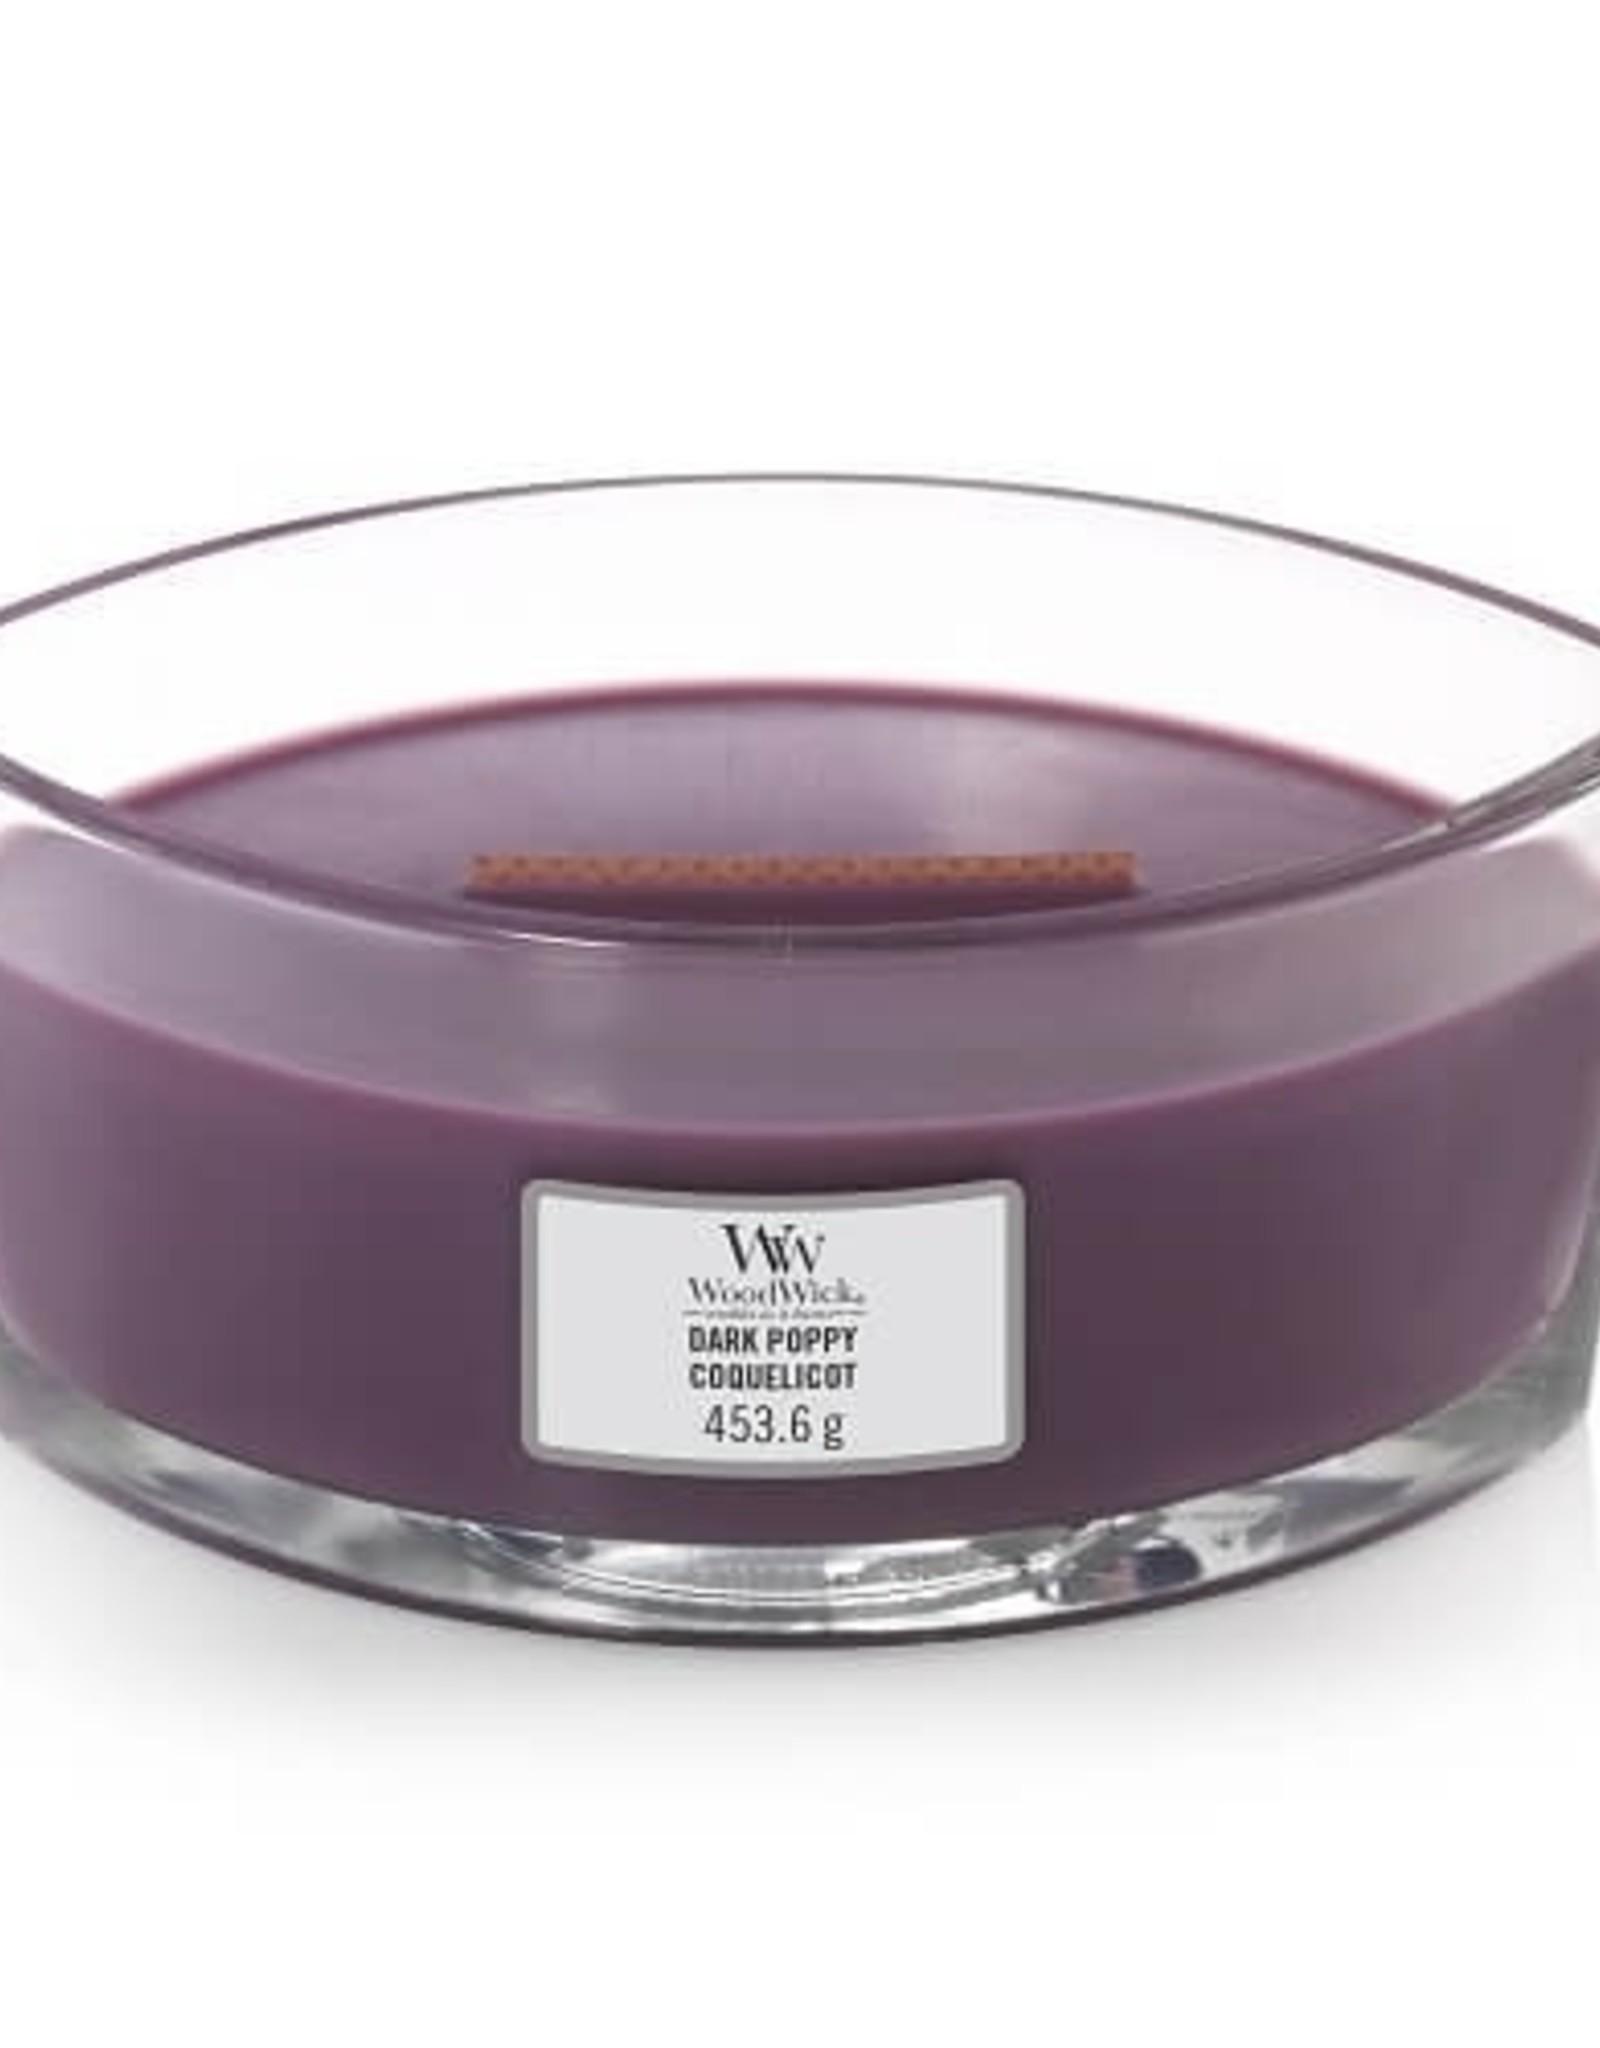 Woodwick Woodwick Dark Poppy Ellipse Candle